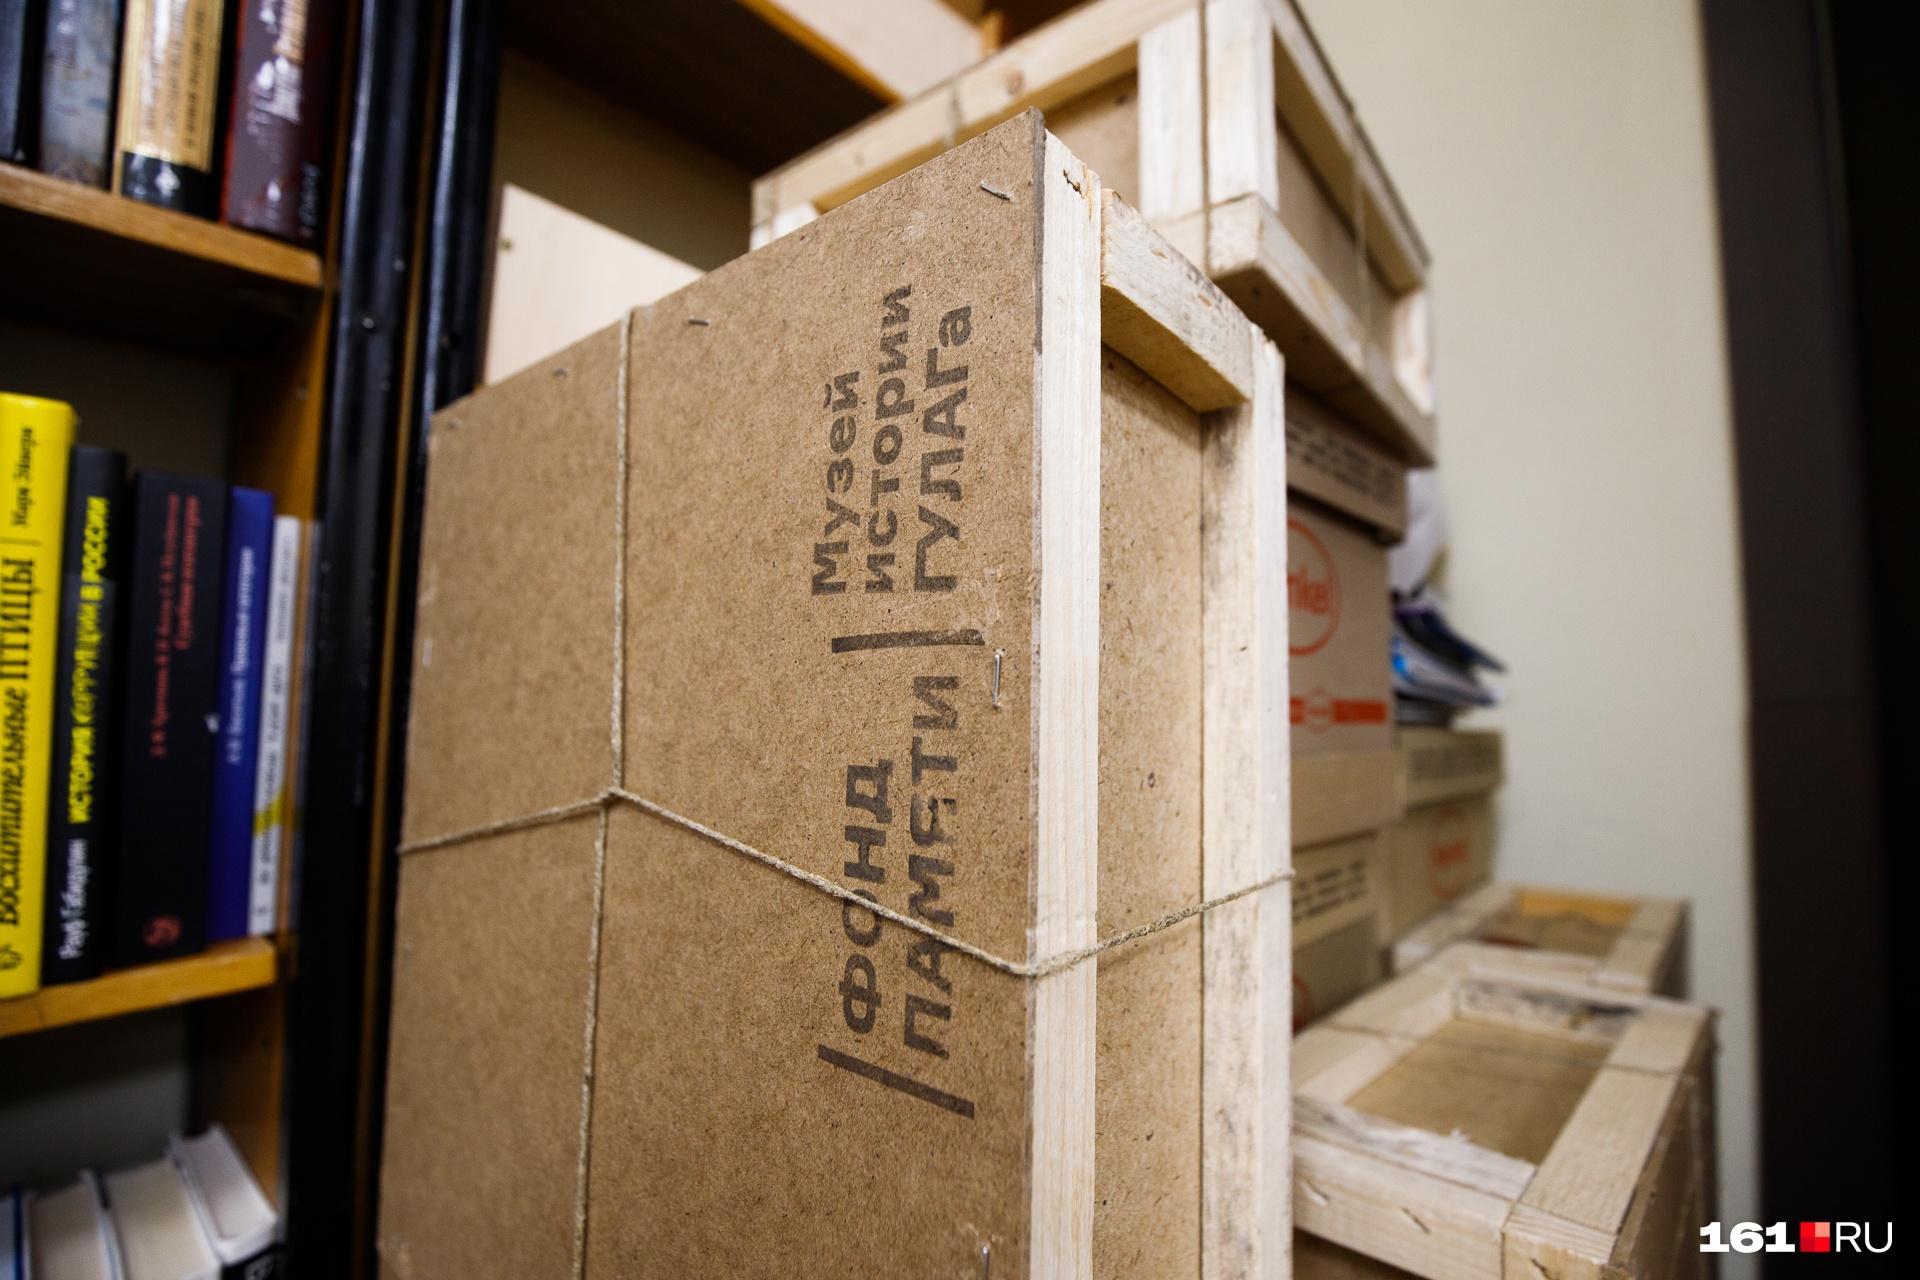 Благотворительные фонды и издательства регулярно передают в библиотеку книги в дар. Эта партия — от столичного музея истории ГУЛАГа